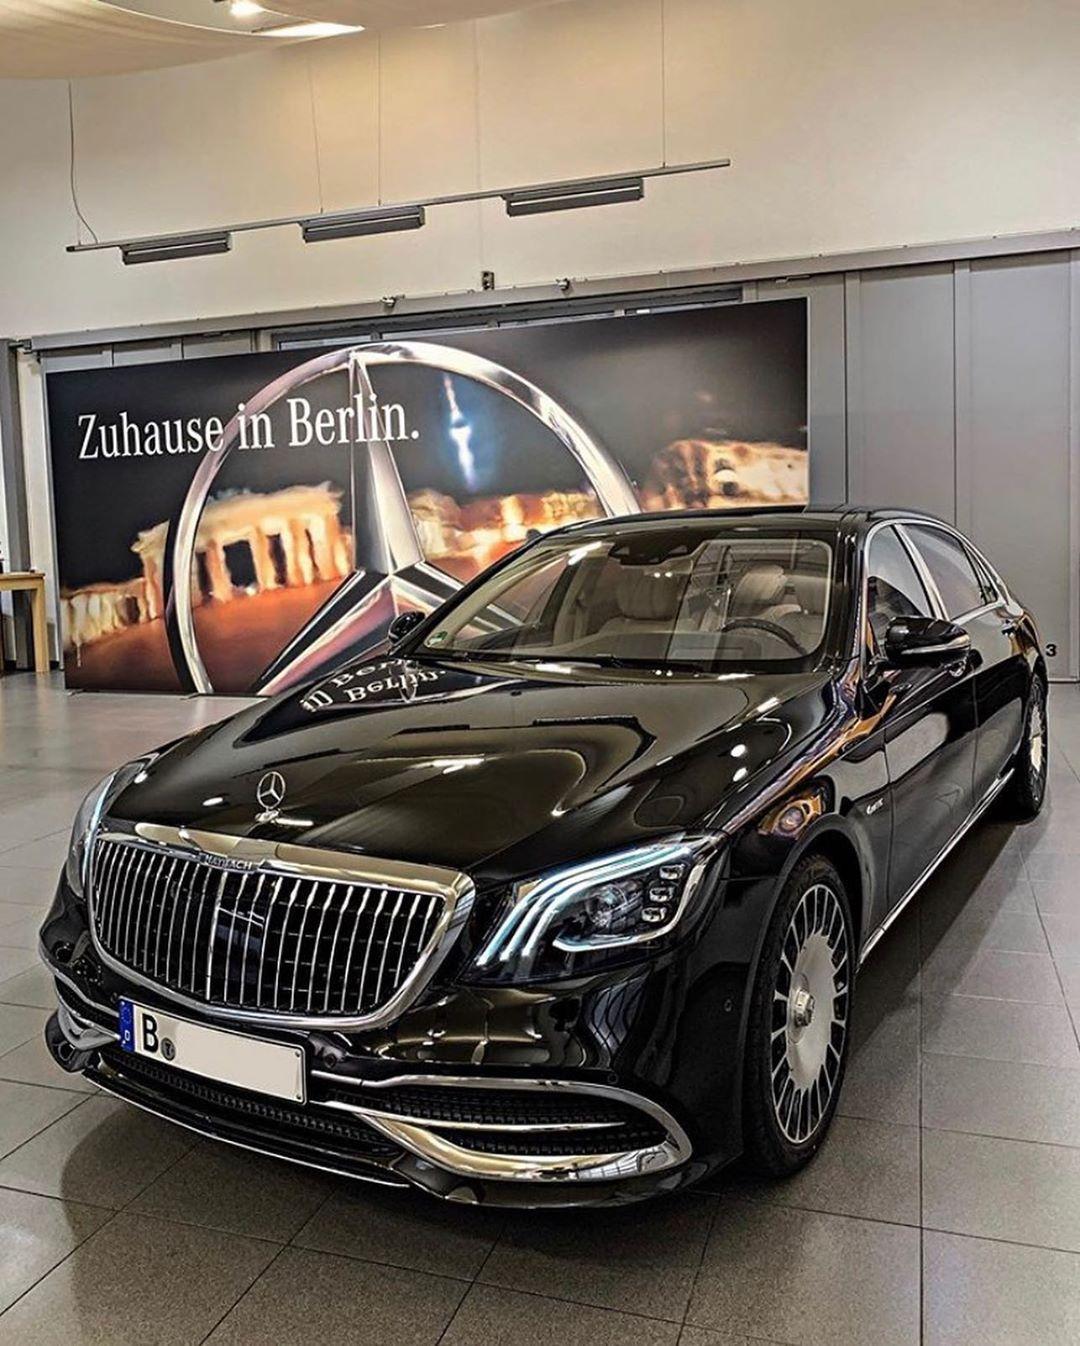 Los Autos Más Caros Del Mundo 2019 Tttttttest Mercedes Benz Maybach Mercedes Benz Interior Mercedes Benz S550